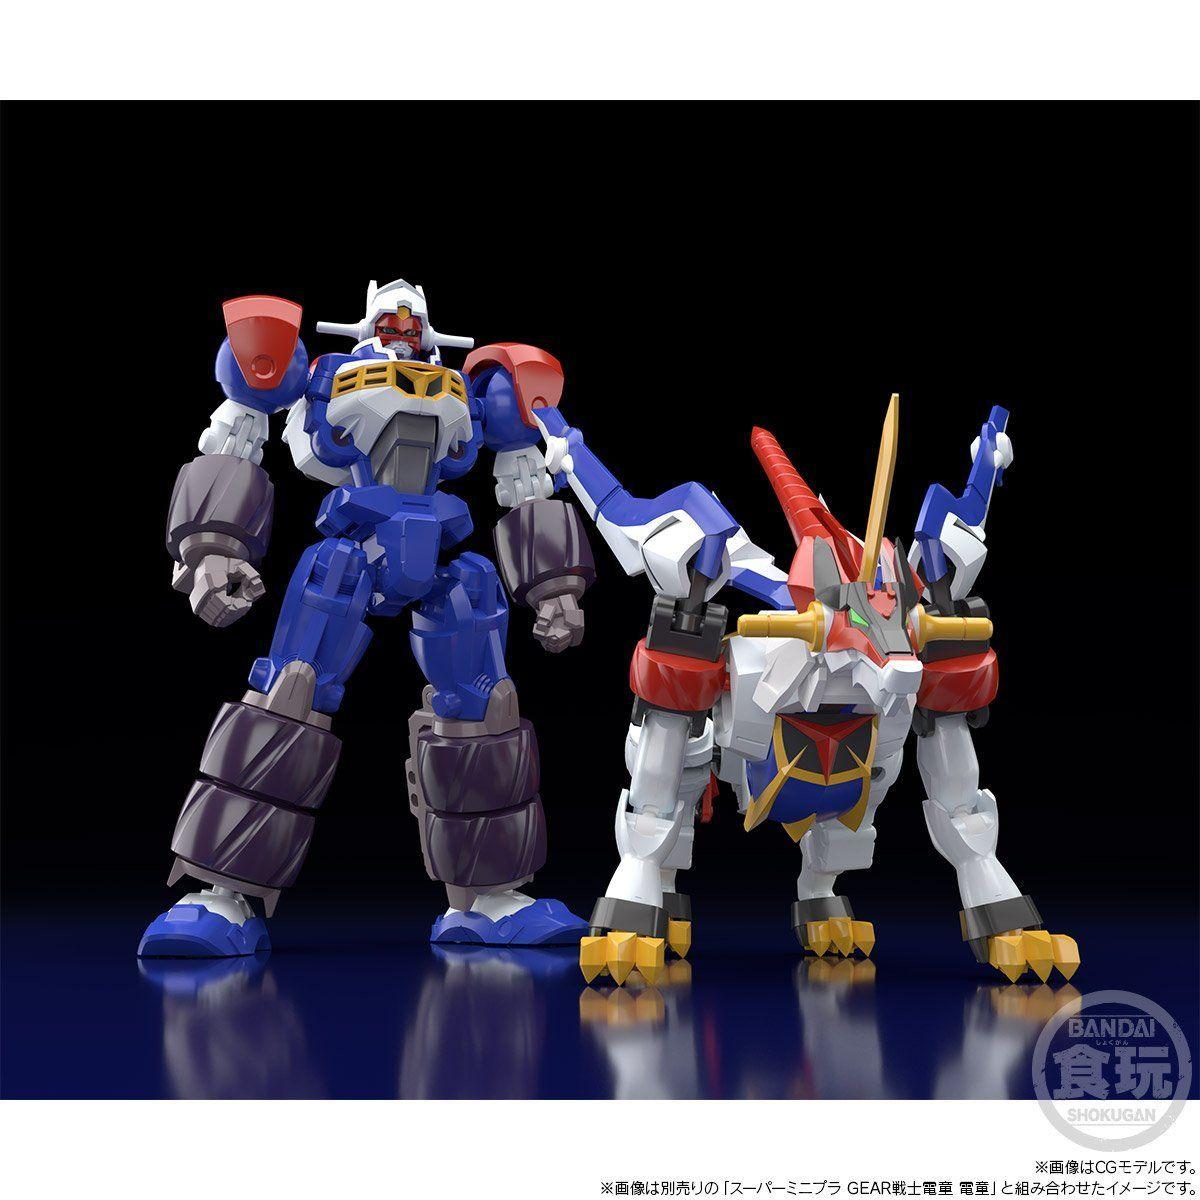 【限定販売】【食玩】スーパーミニプラ『超獣王 輝刃』GEAR戦士電童 プラモデル-008